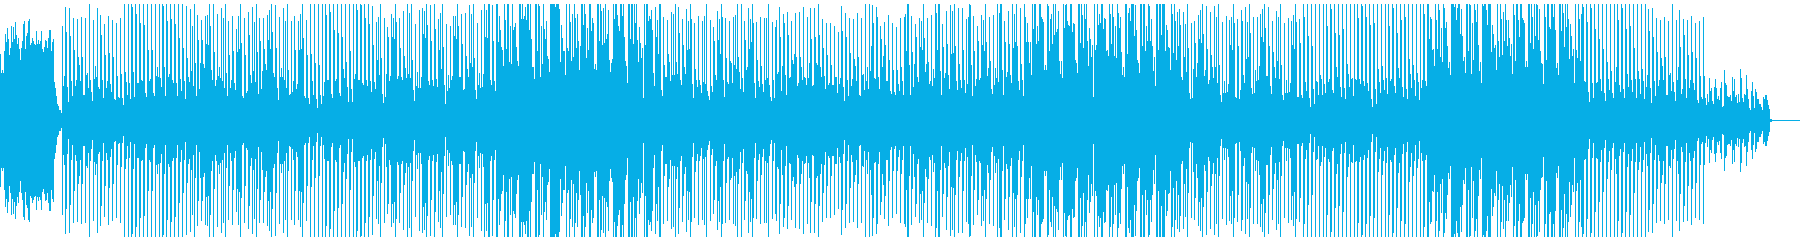 80年代感覚の明るいダンス系テクノポップの再生済みの波形